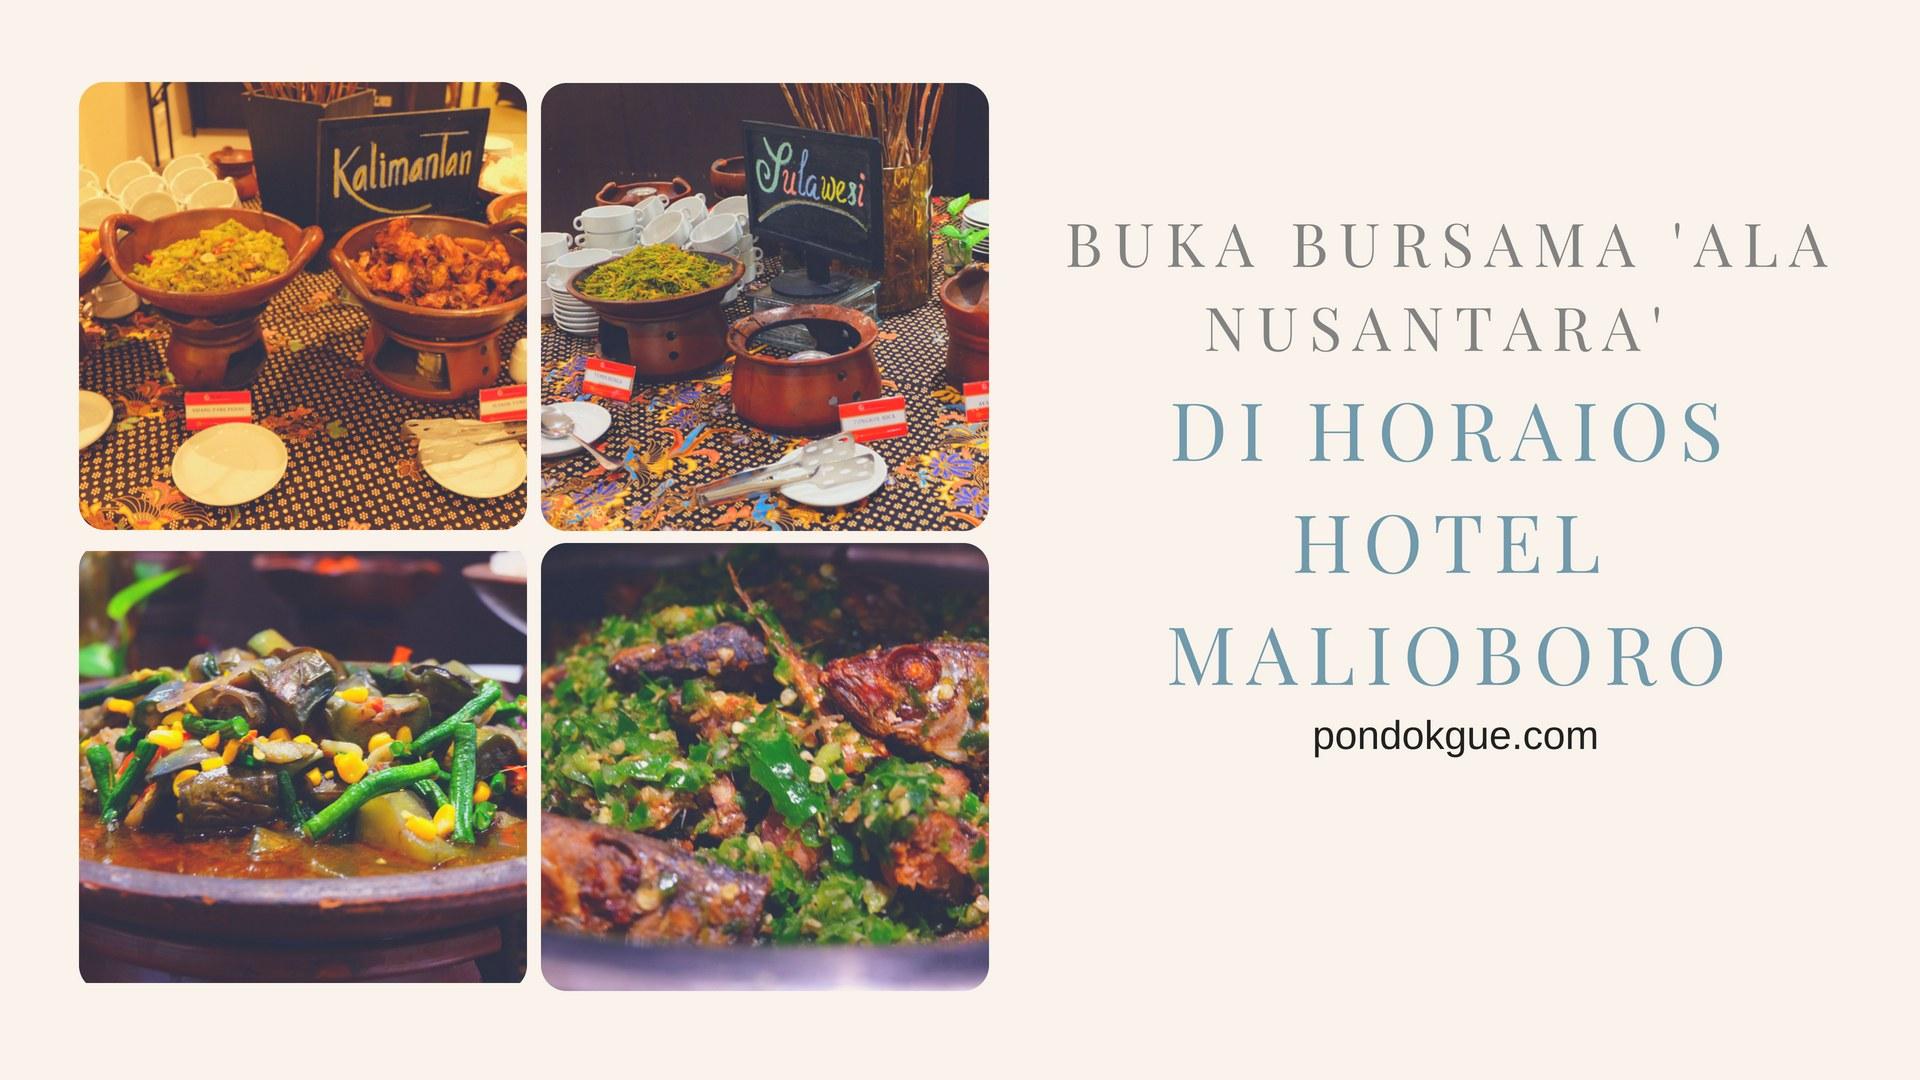 Buka Bursama 'Ala Nusantara' di Horaios Hotel Malioboro